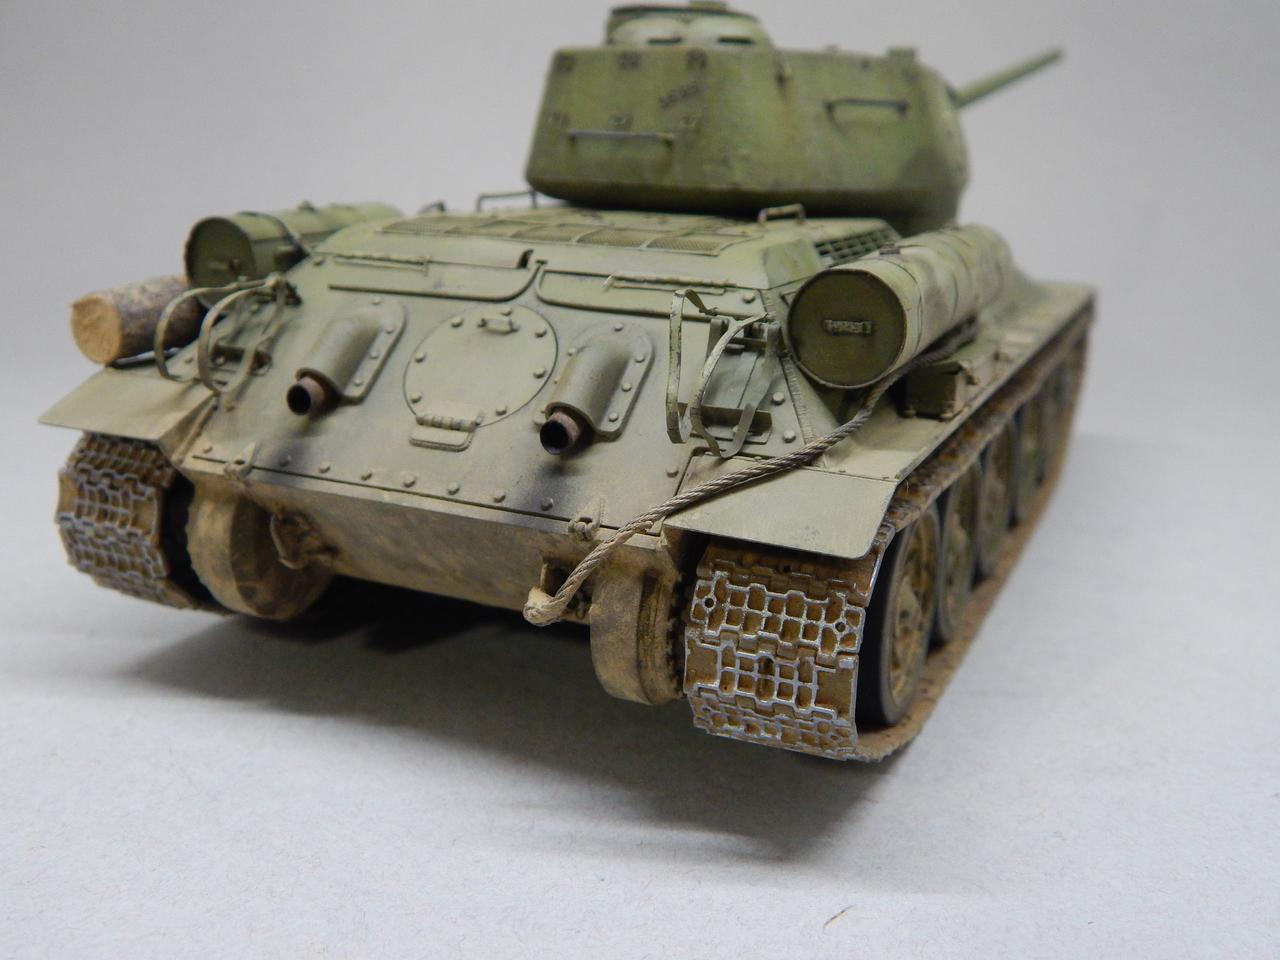 """""""Т-34/85. 1-я Гвардейская танковая армия, 11-й Гвардейский корпус, 44-я Гвардейская бригада."""" Берлин 1945 г. DSCN3112"""